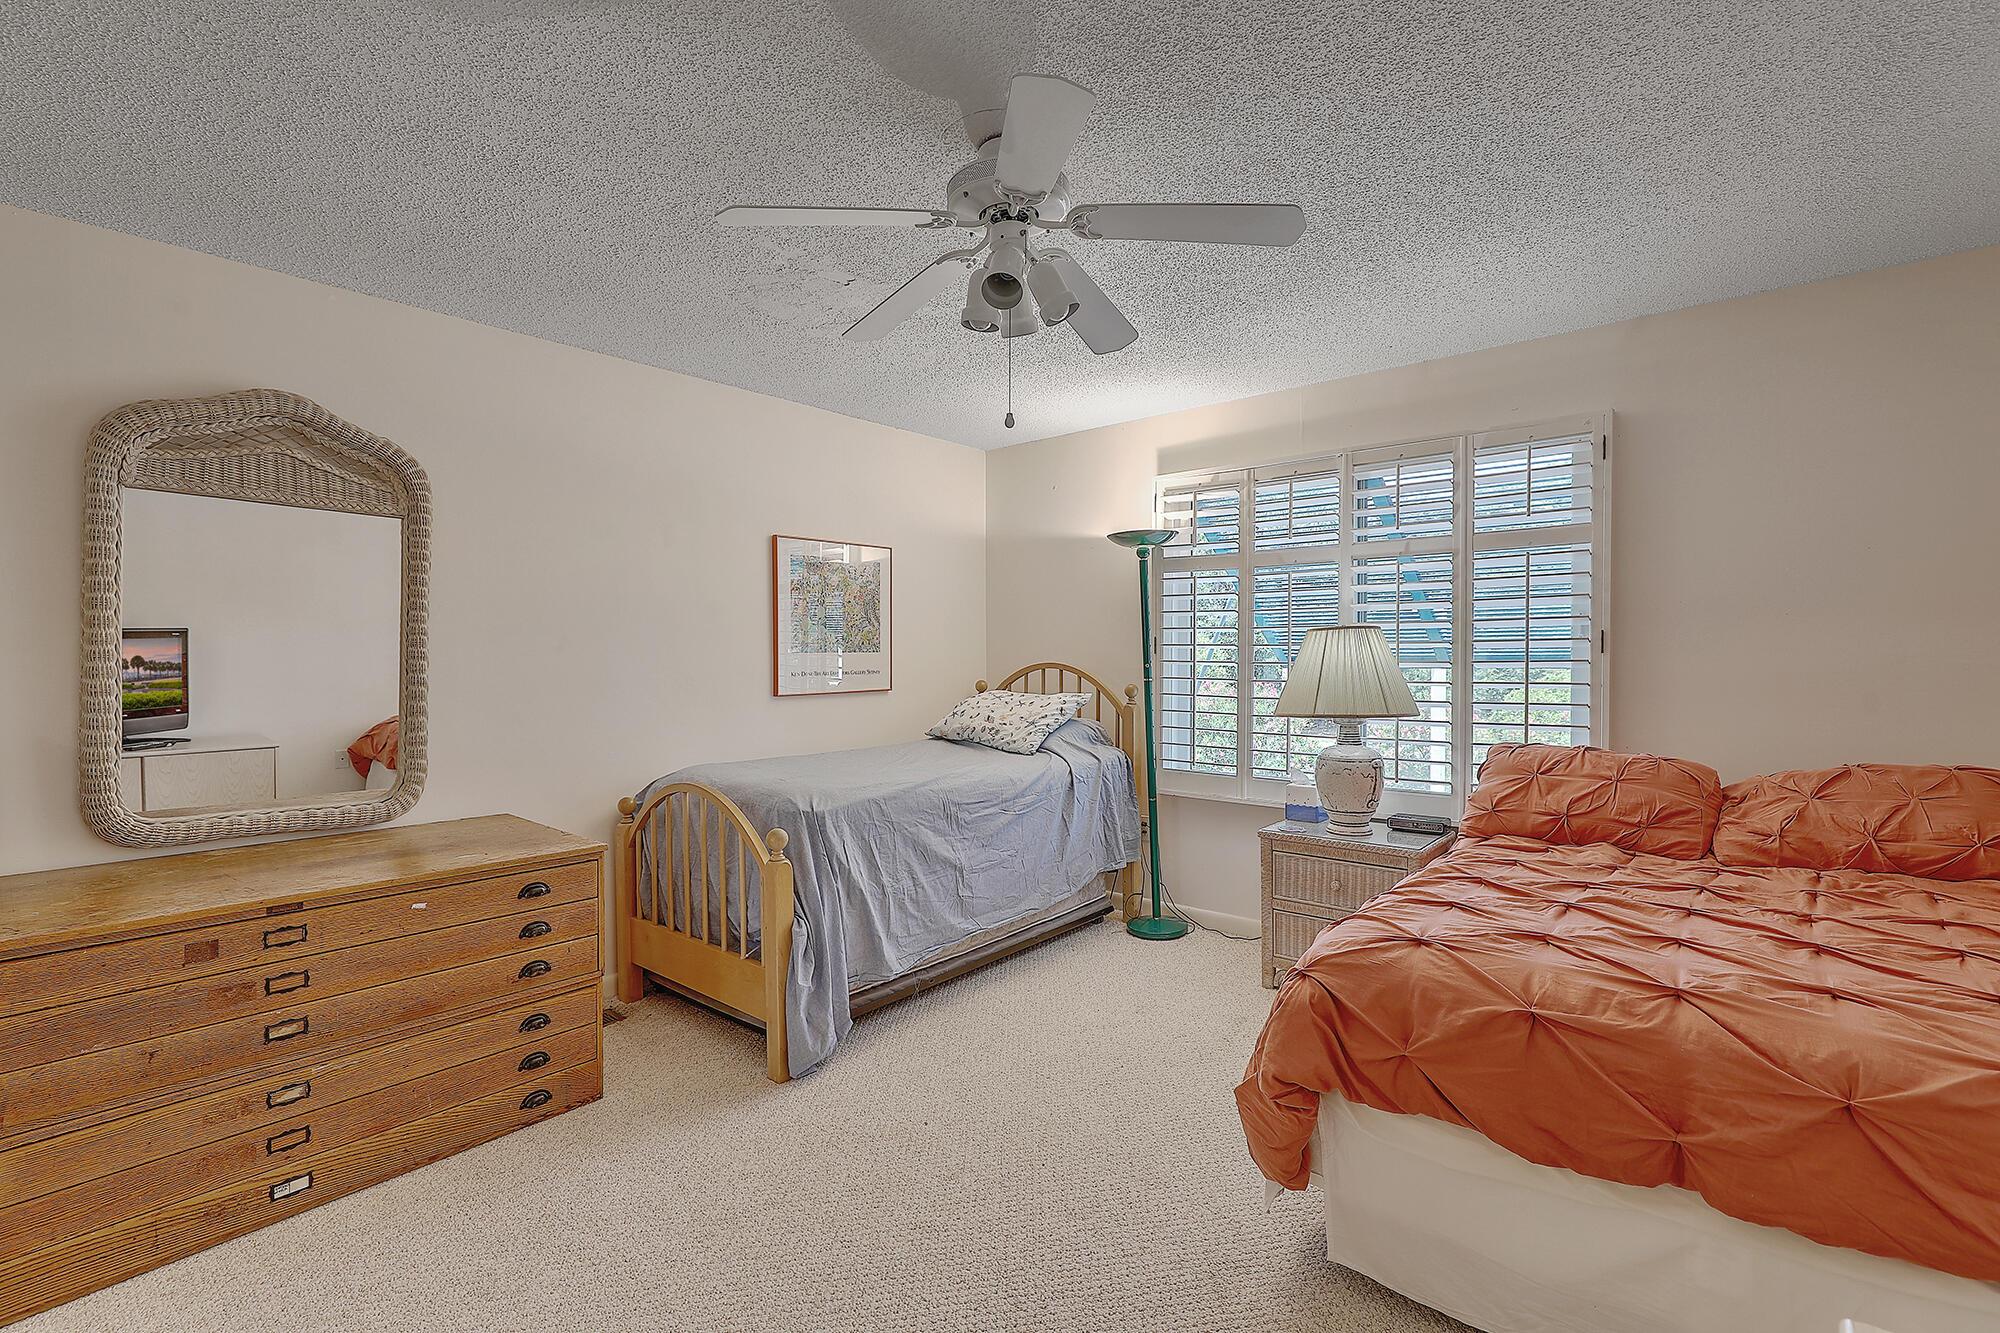 Beach Club Villas Homes For Sale - 15 Beach Club Villas, Isle of Palms, SC - 33